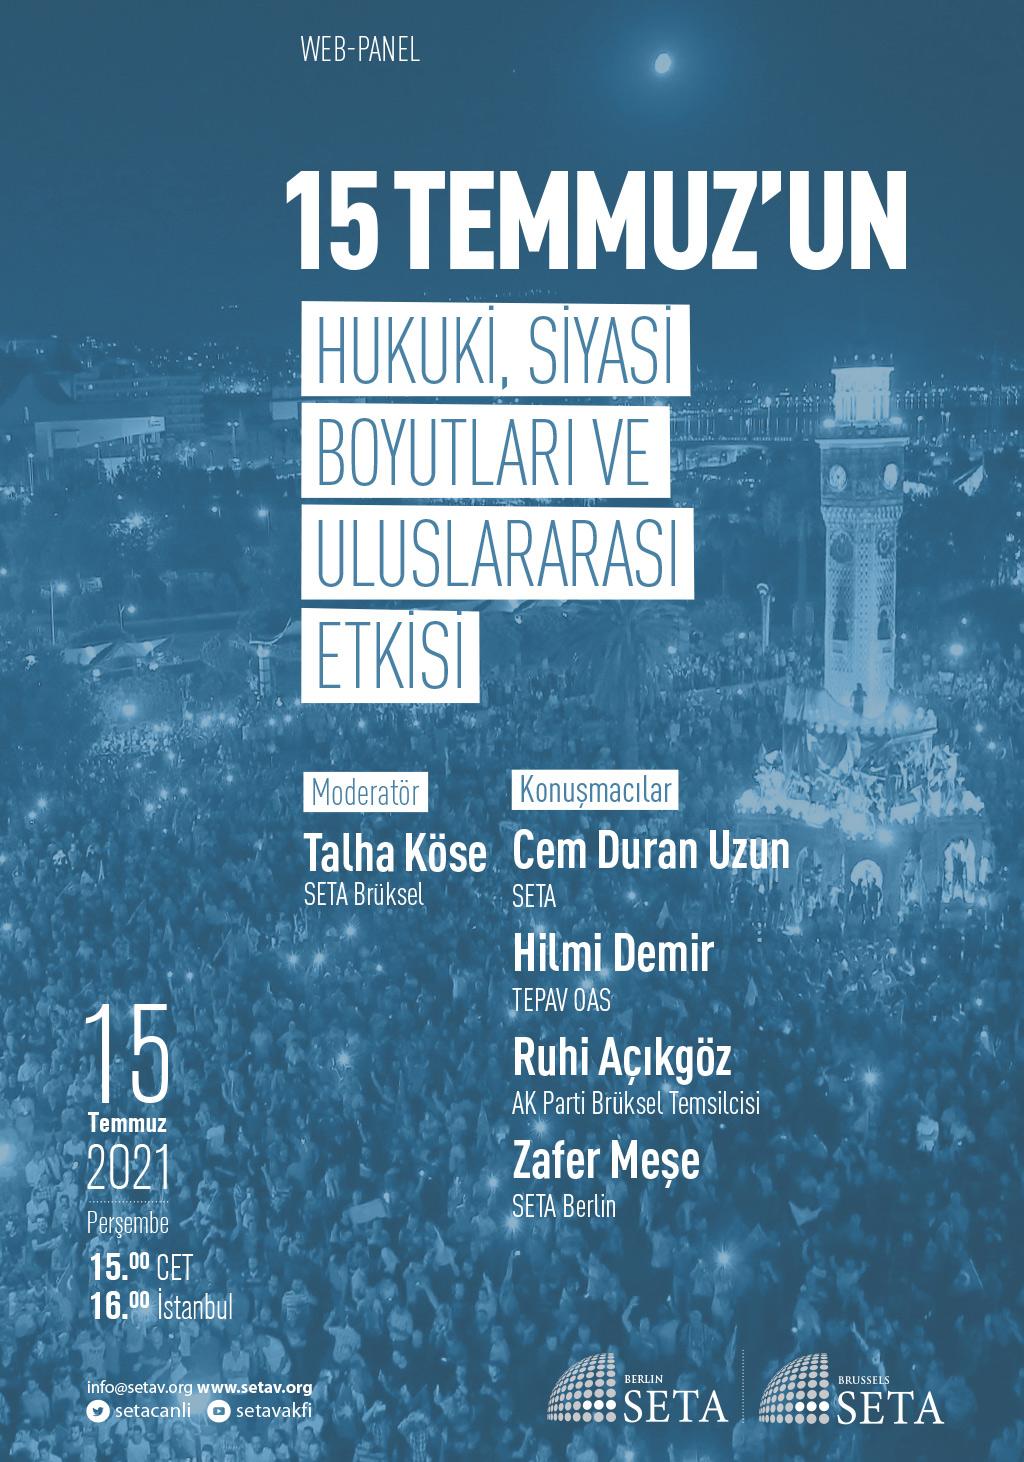 Web-Panel: 15 Temmuz'un Hukuki, Siyasi Boyutları ve Uluslararası Etkisi